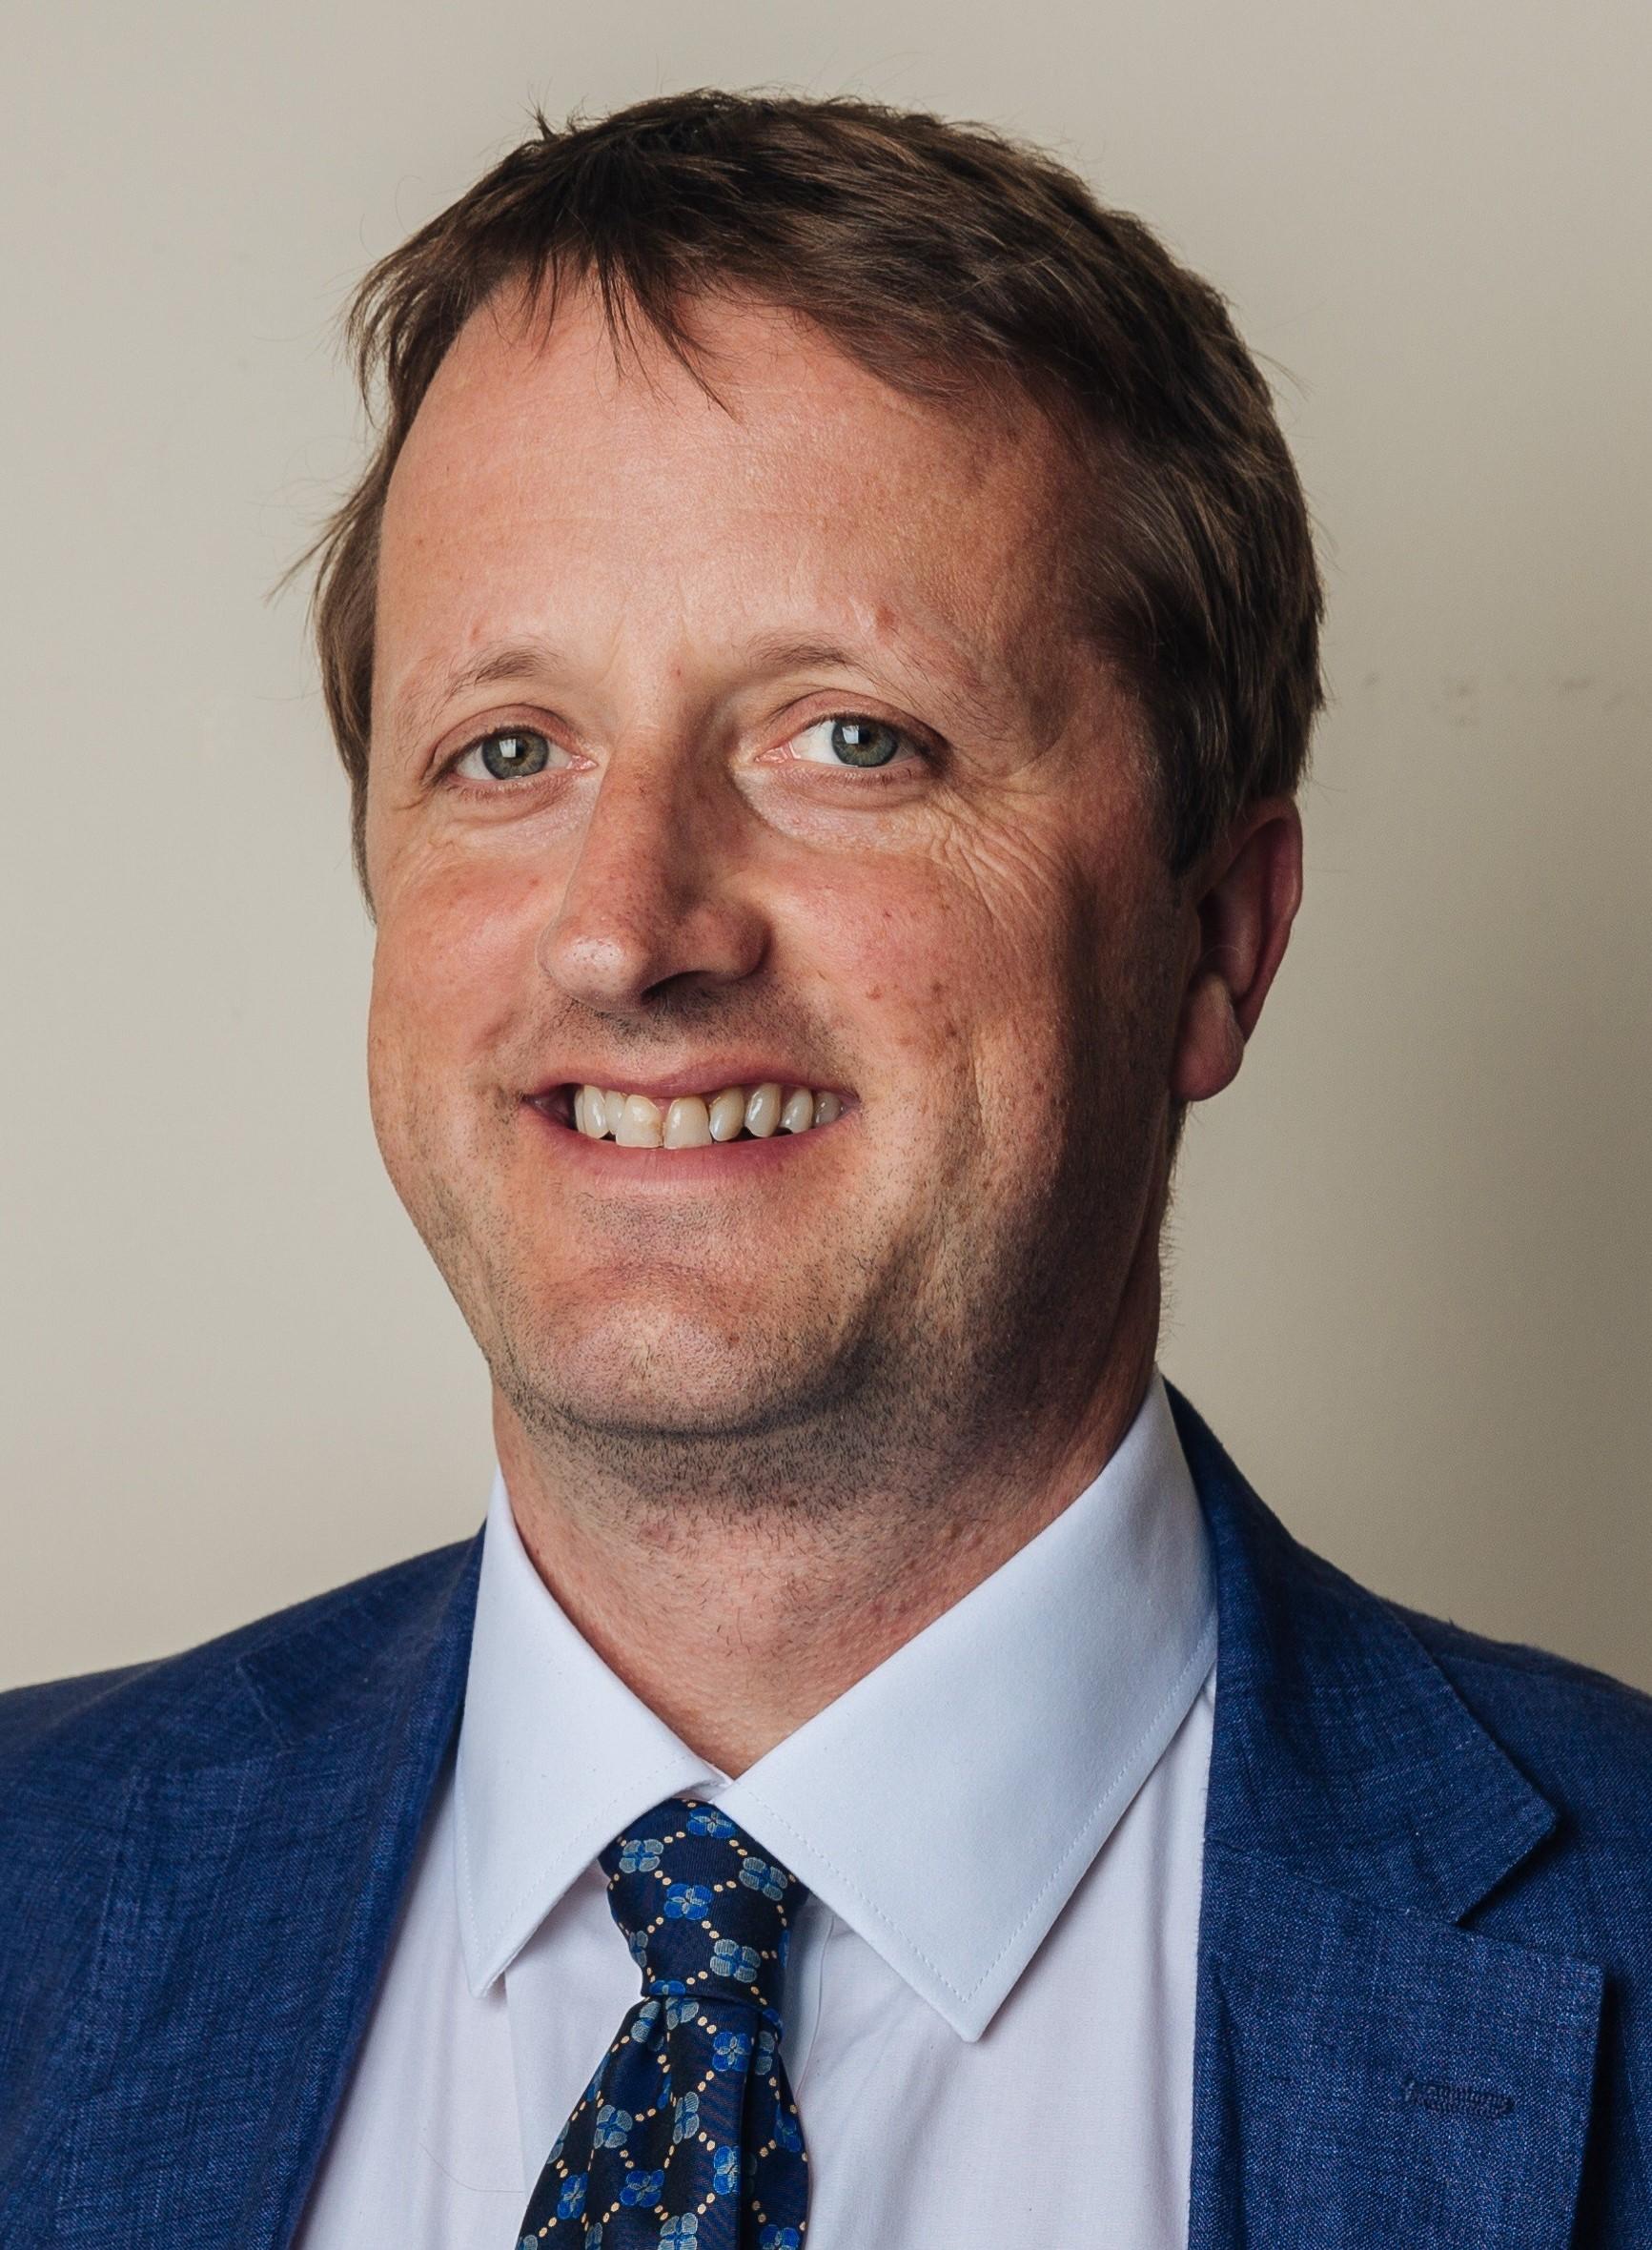 Professor Steve Eichhorn